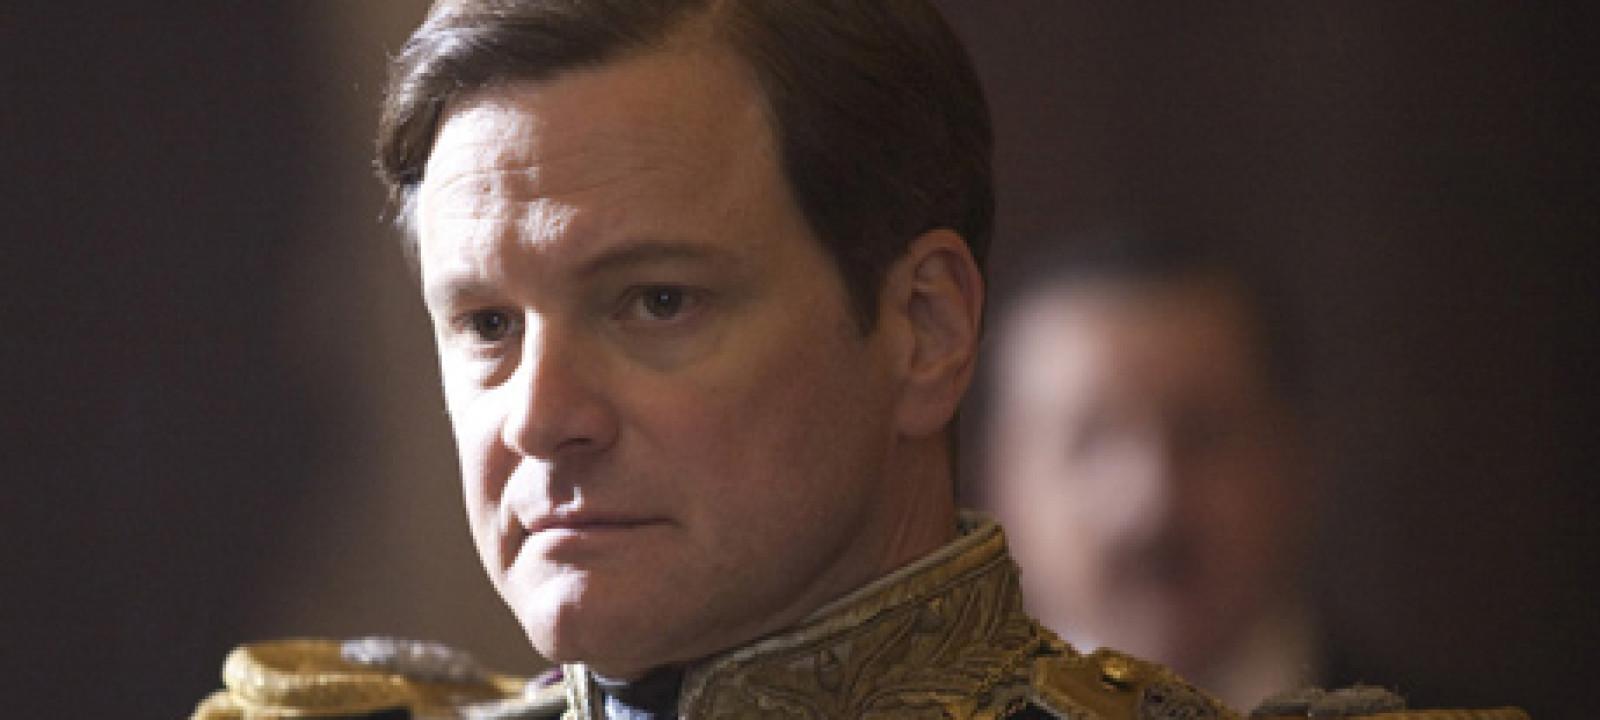 Colin Firth, Stiff Upper Lip